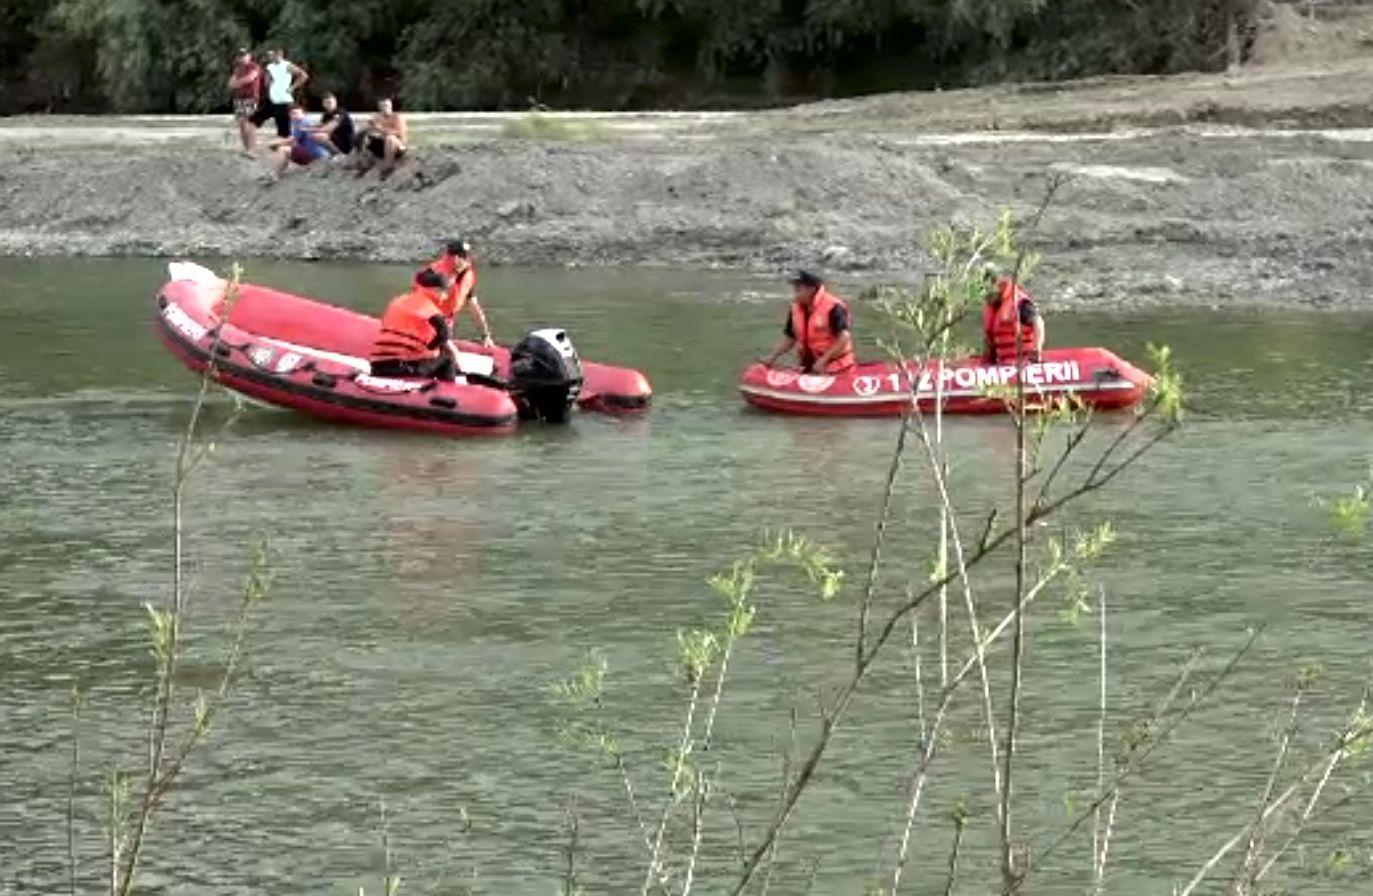 Un adolescent s-a înecat în Siret, după ce a intrat în zona unei balastiere. Curenții l-au tras la fund